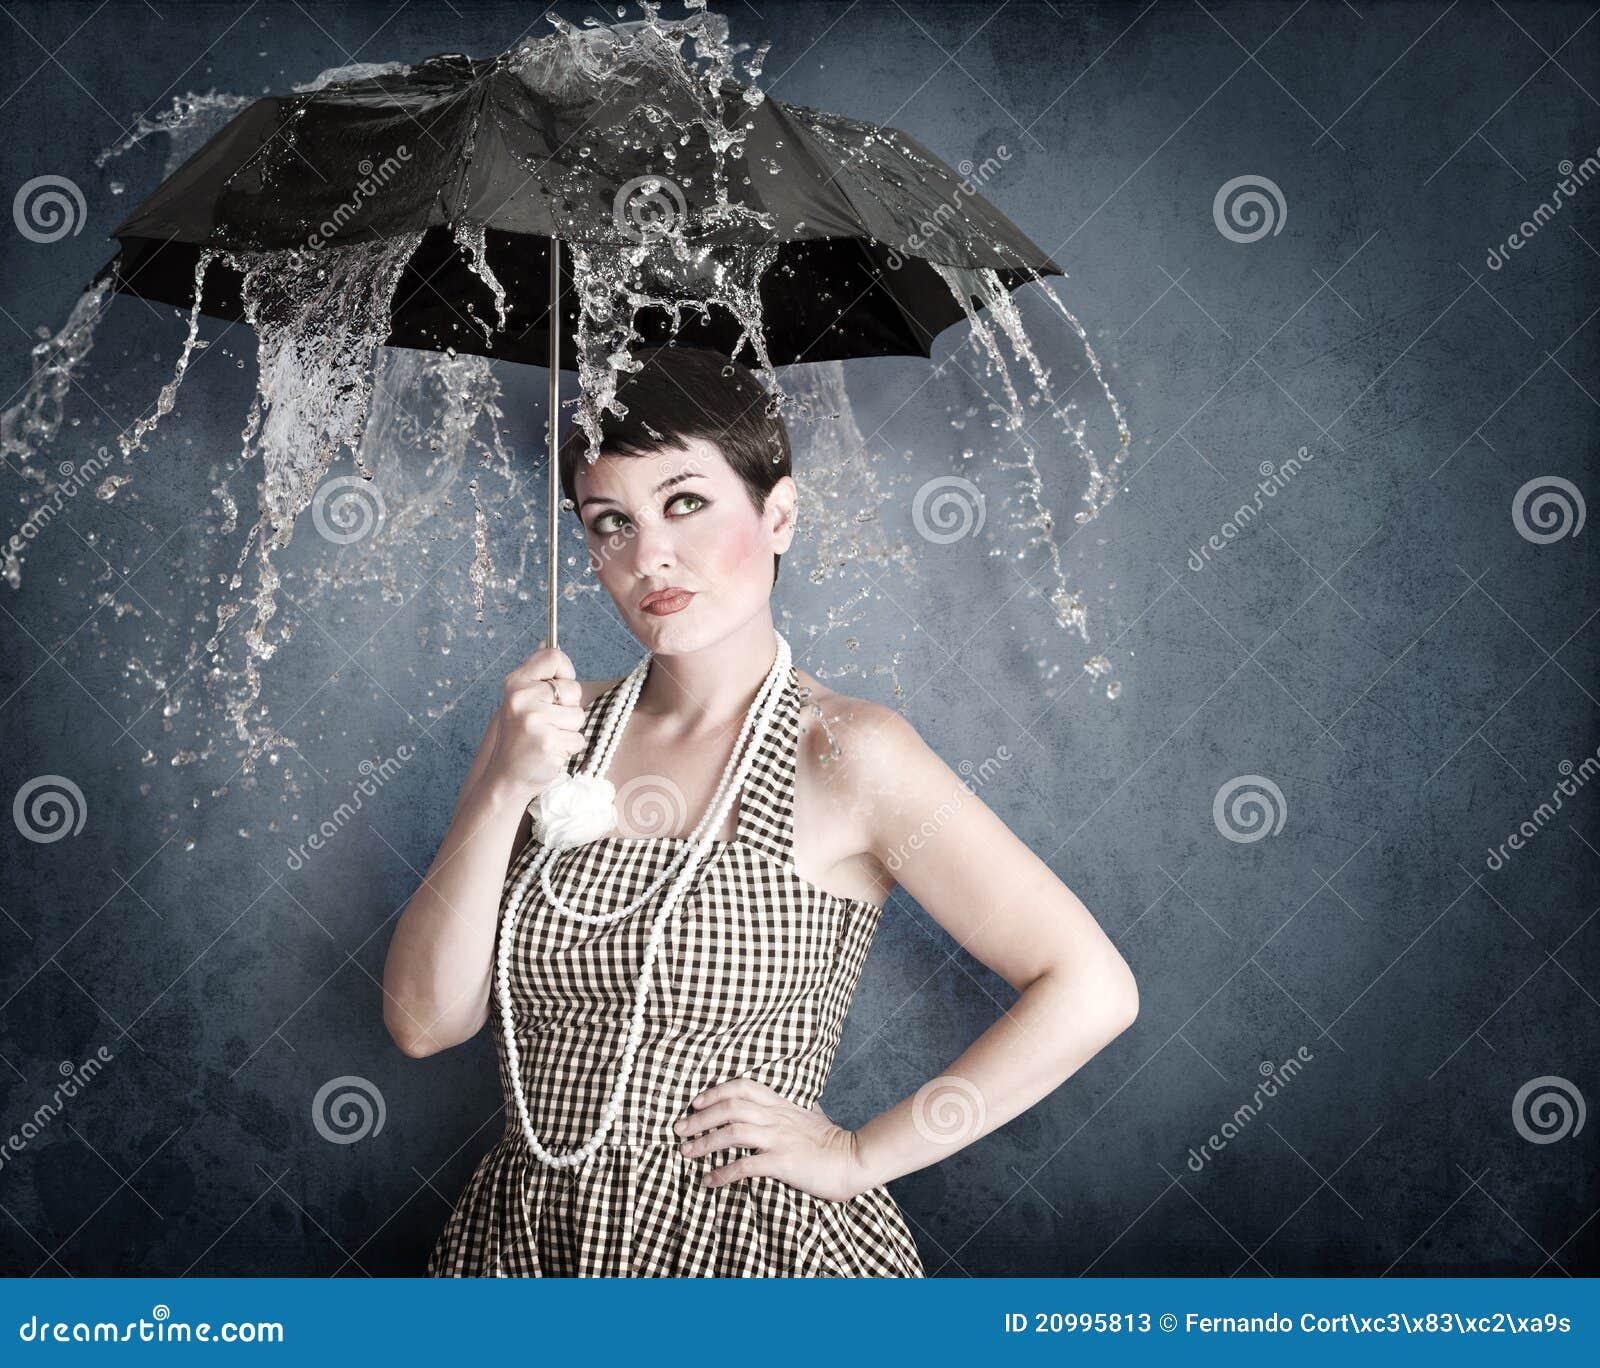 Καρφίτσα-επάνω στο κορίτσι με την ομπρέλα κάτω από τον παφλασμό ύδατος